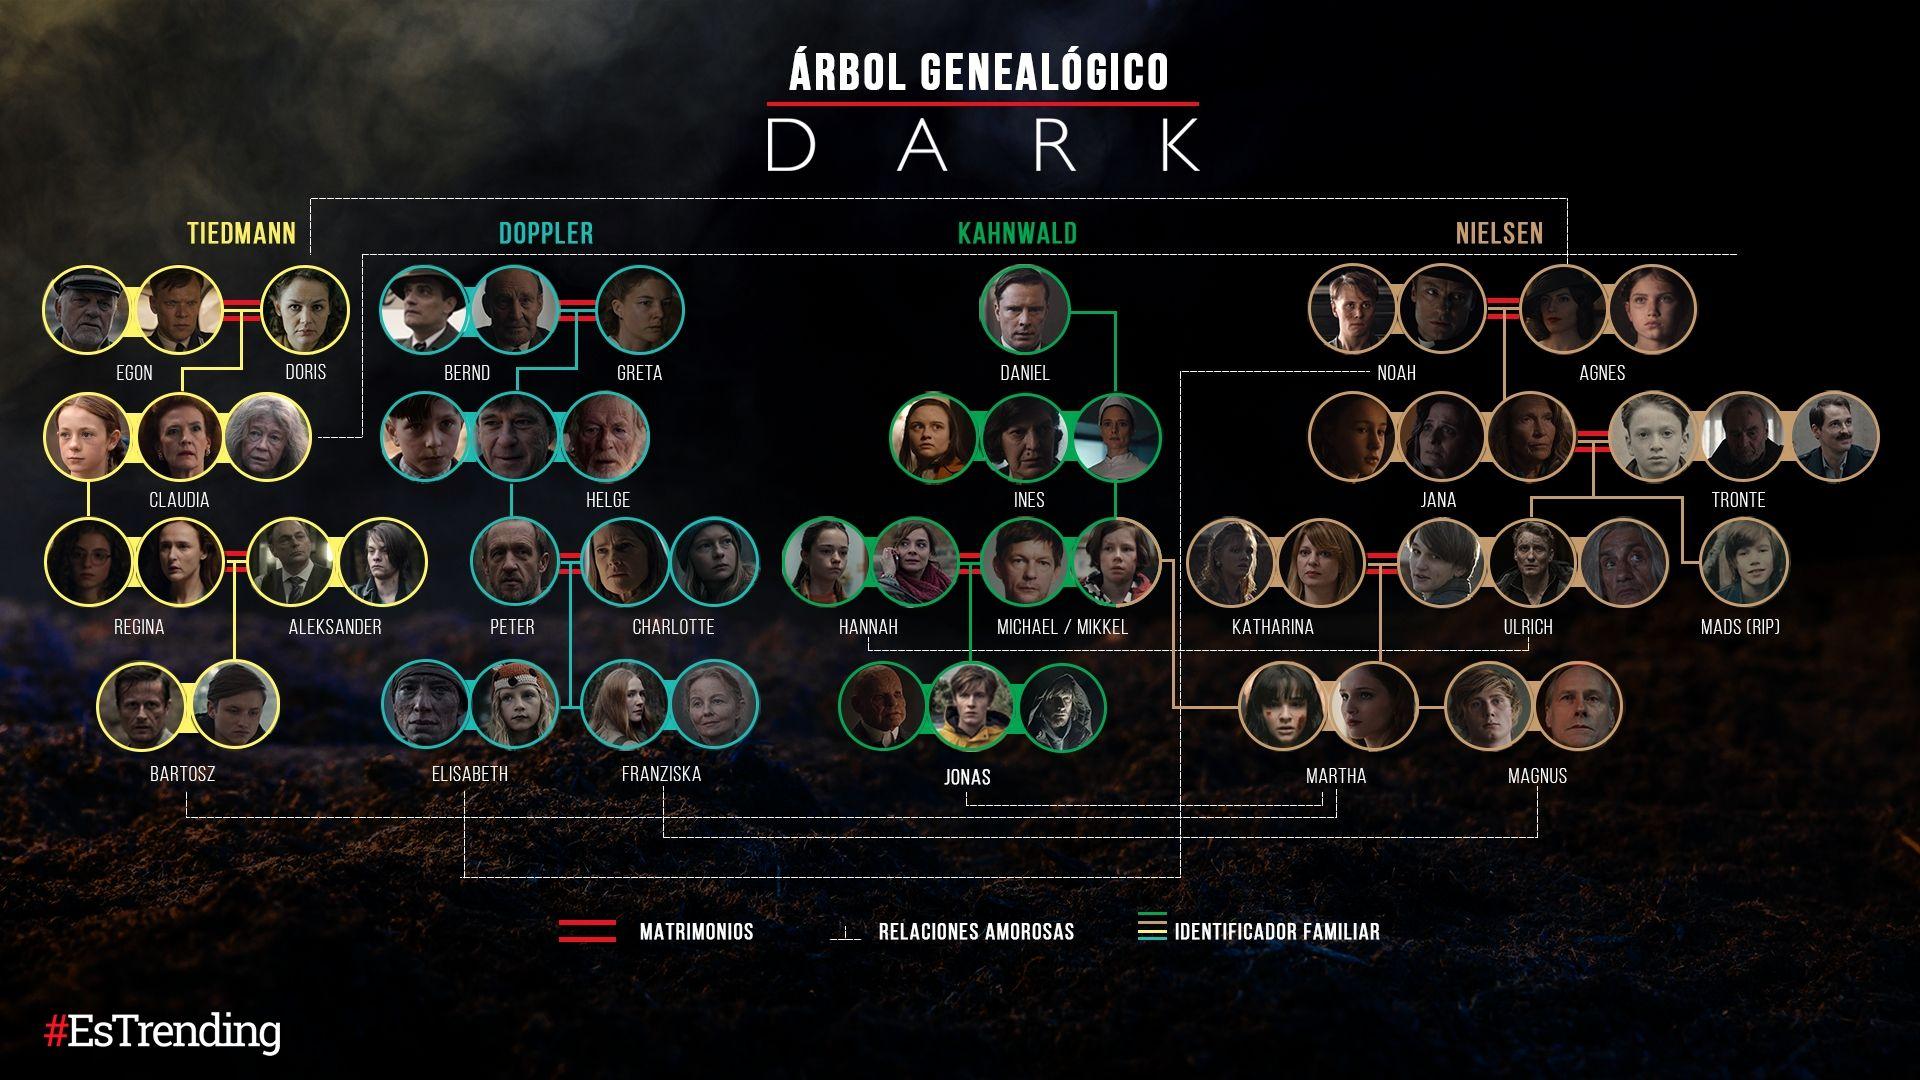 Árbol genealógico de 'Dark'